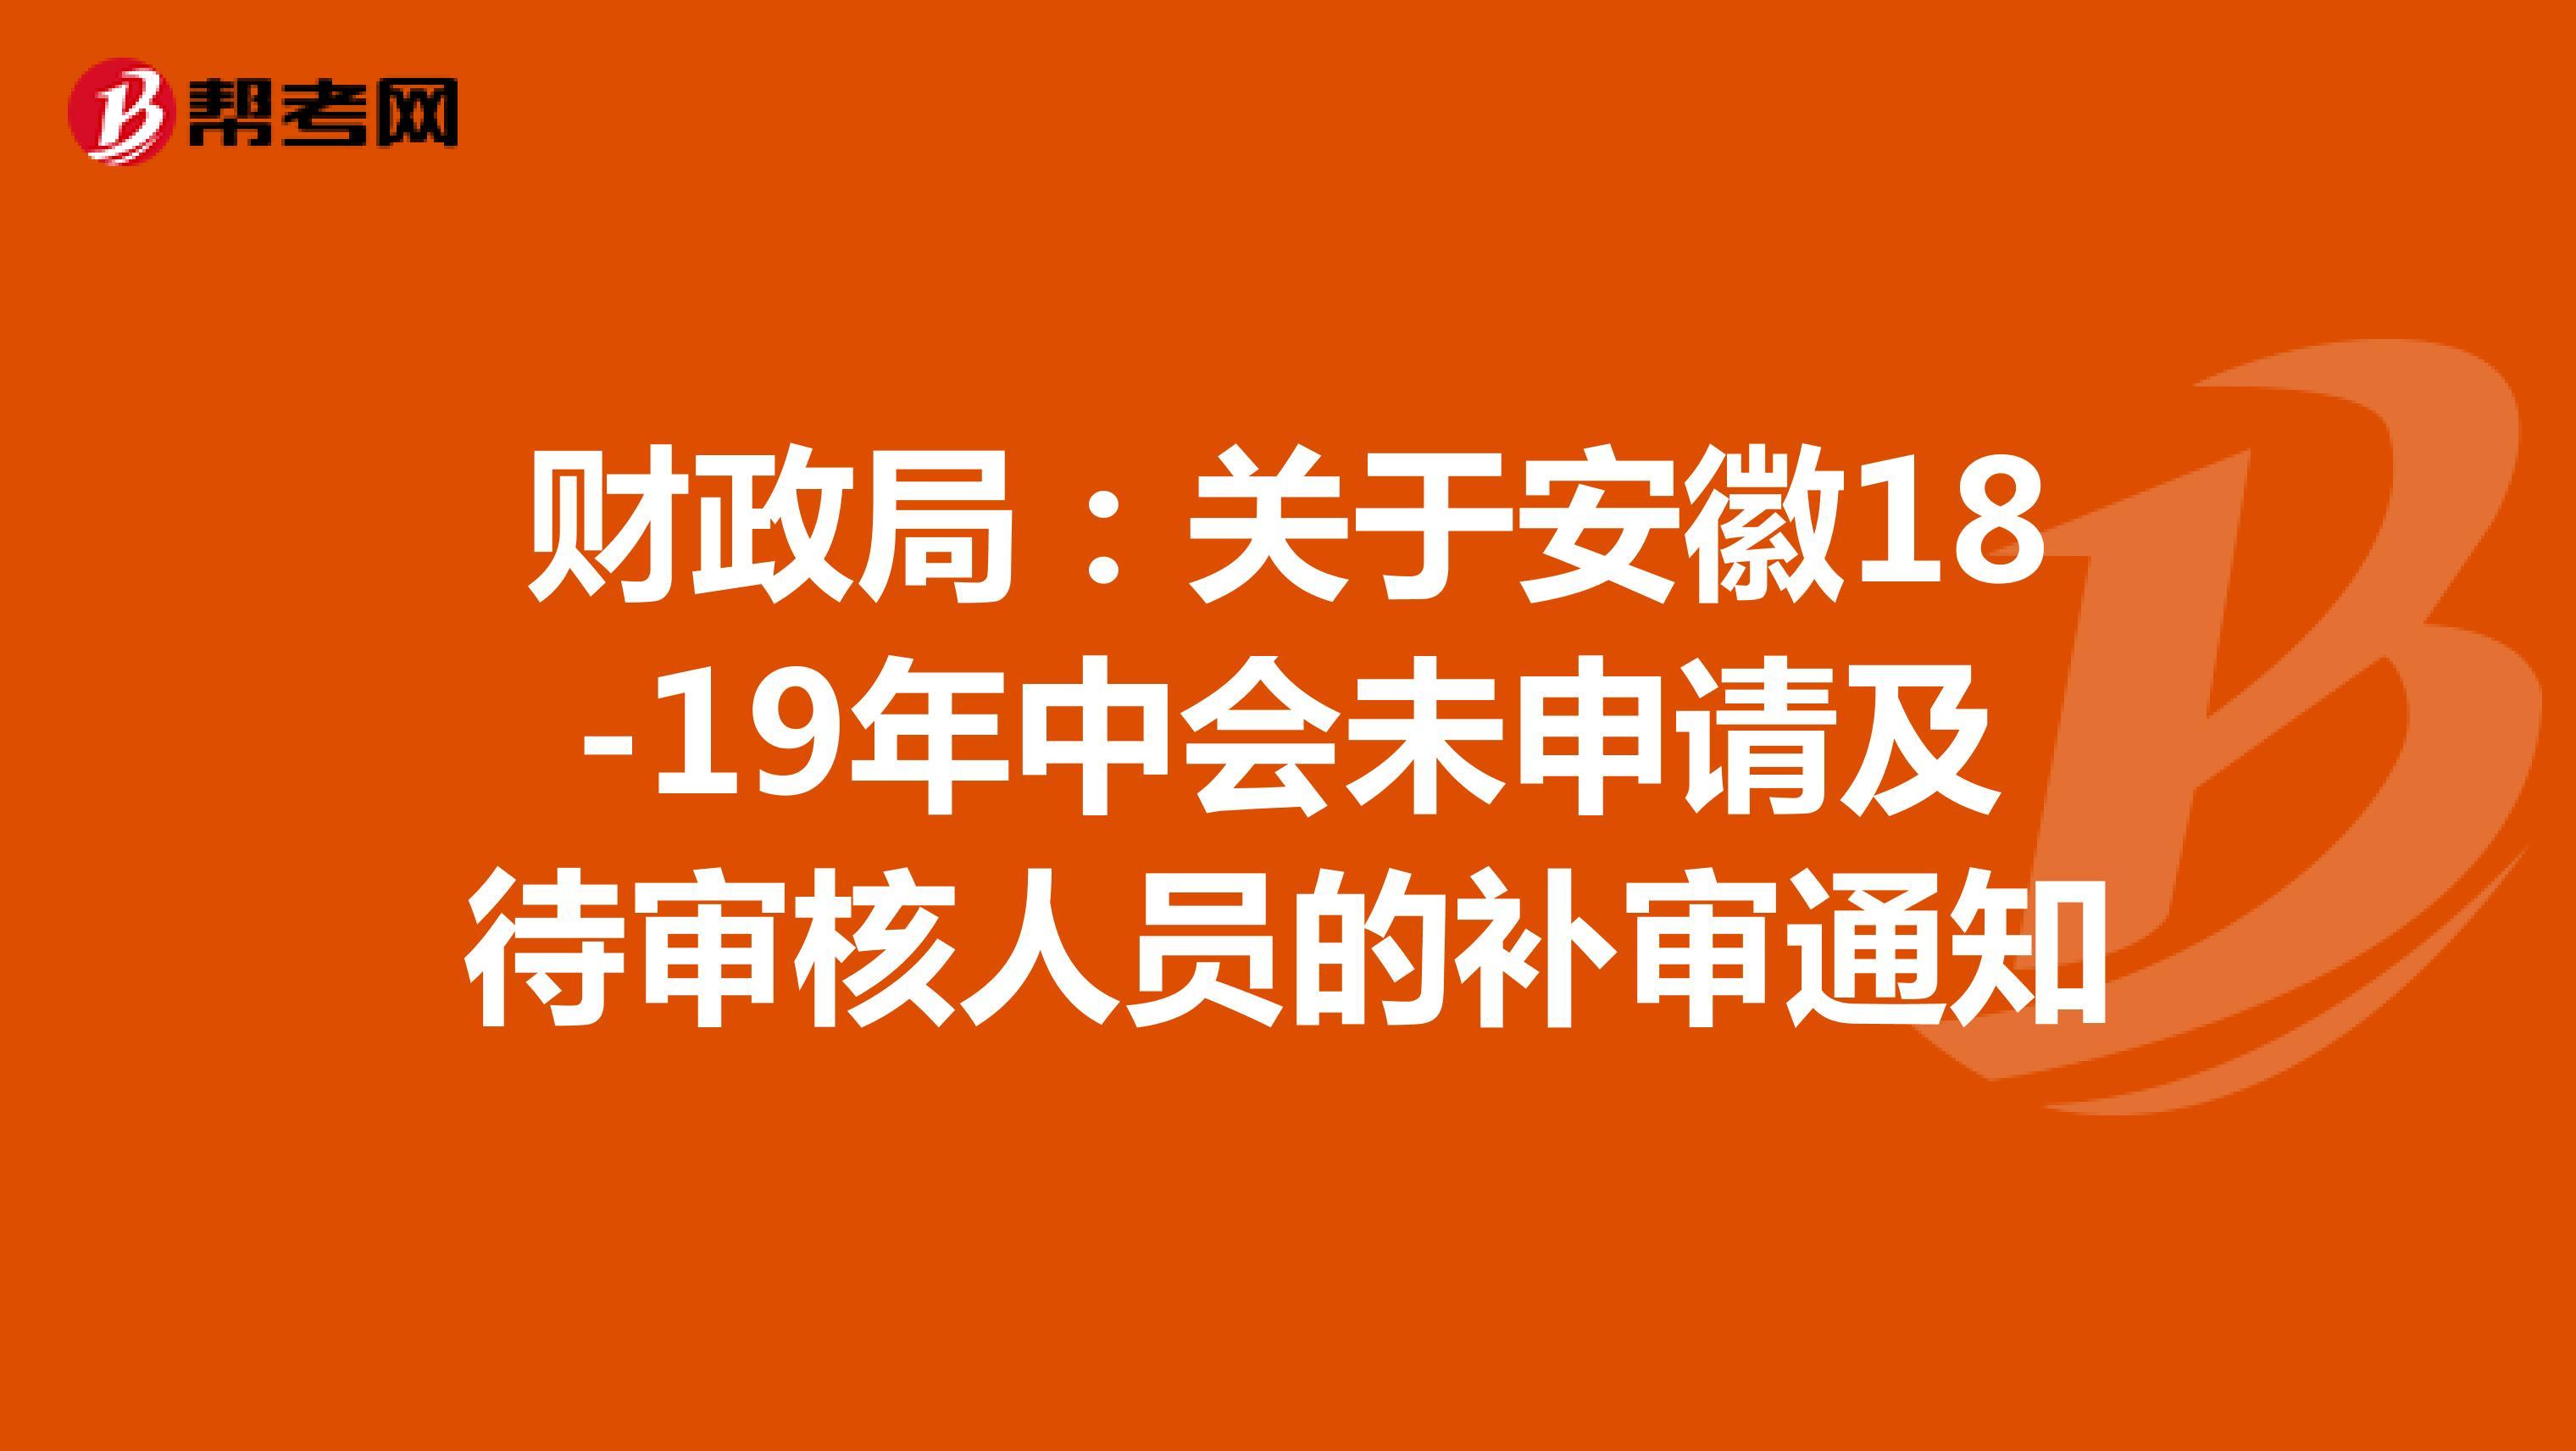 财政局:关于安徽18-19年中会未申请及待审核人员的补审通知